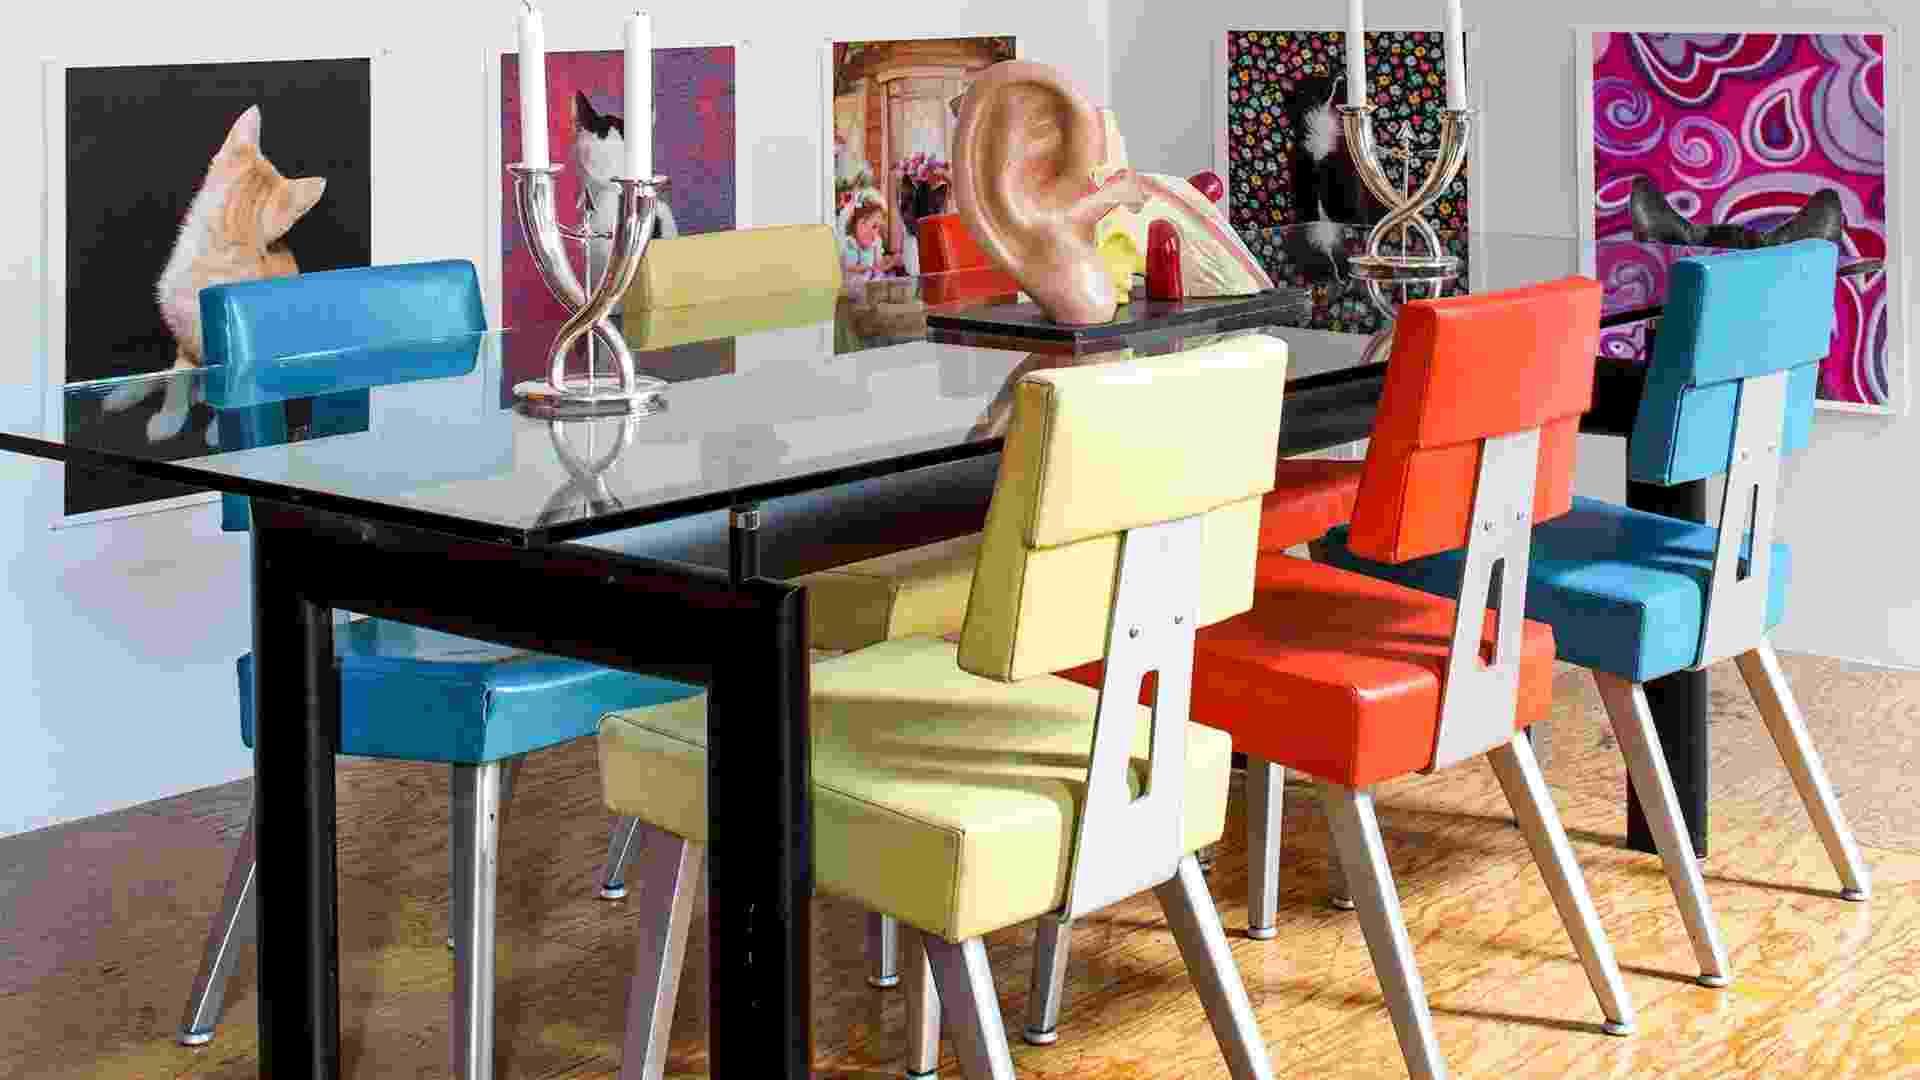 Nas paredes, retratos de gatinhos abandonados e publicados no livro ?Strays?, assinado por Arne Svenson. A mesa criada por Le Corbusier sustenta uma orelha como decoração e as cadeiras vintage, em redor, equipavam um antigo escritório da I.B.M. (Imagem do NYT, usar apenas no respectivo material) - Trevor Tondro/ The New York Times